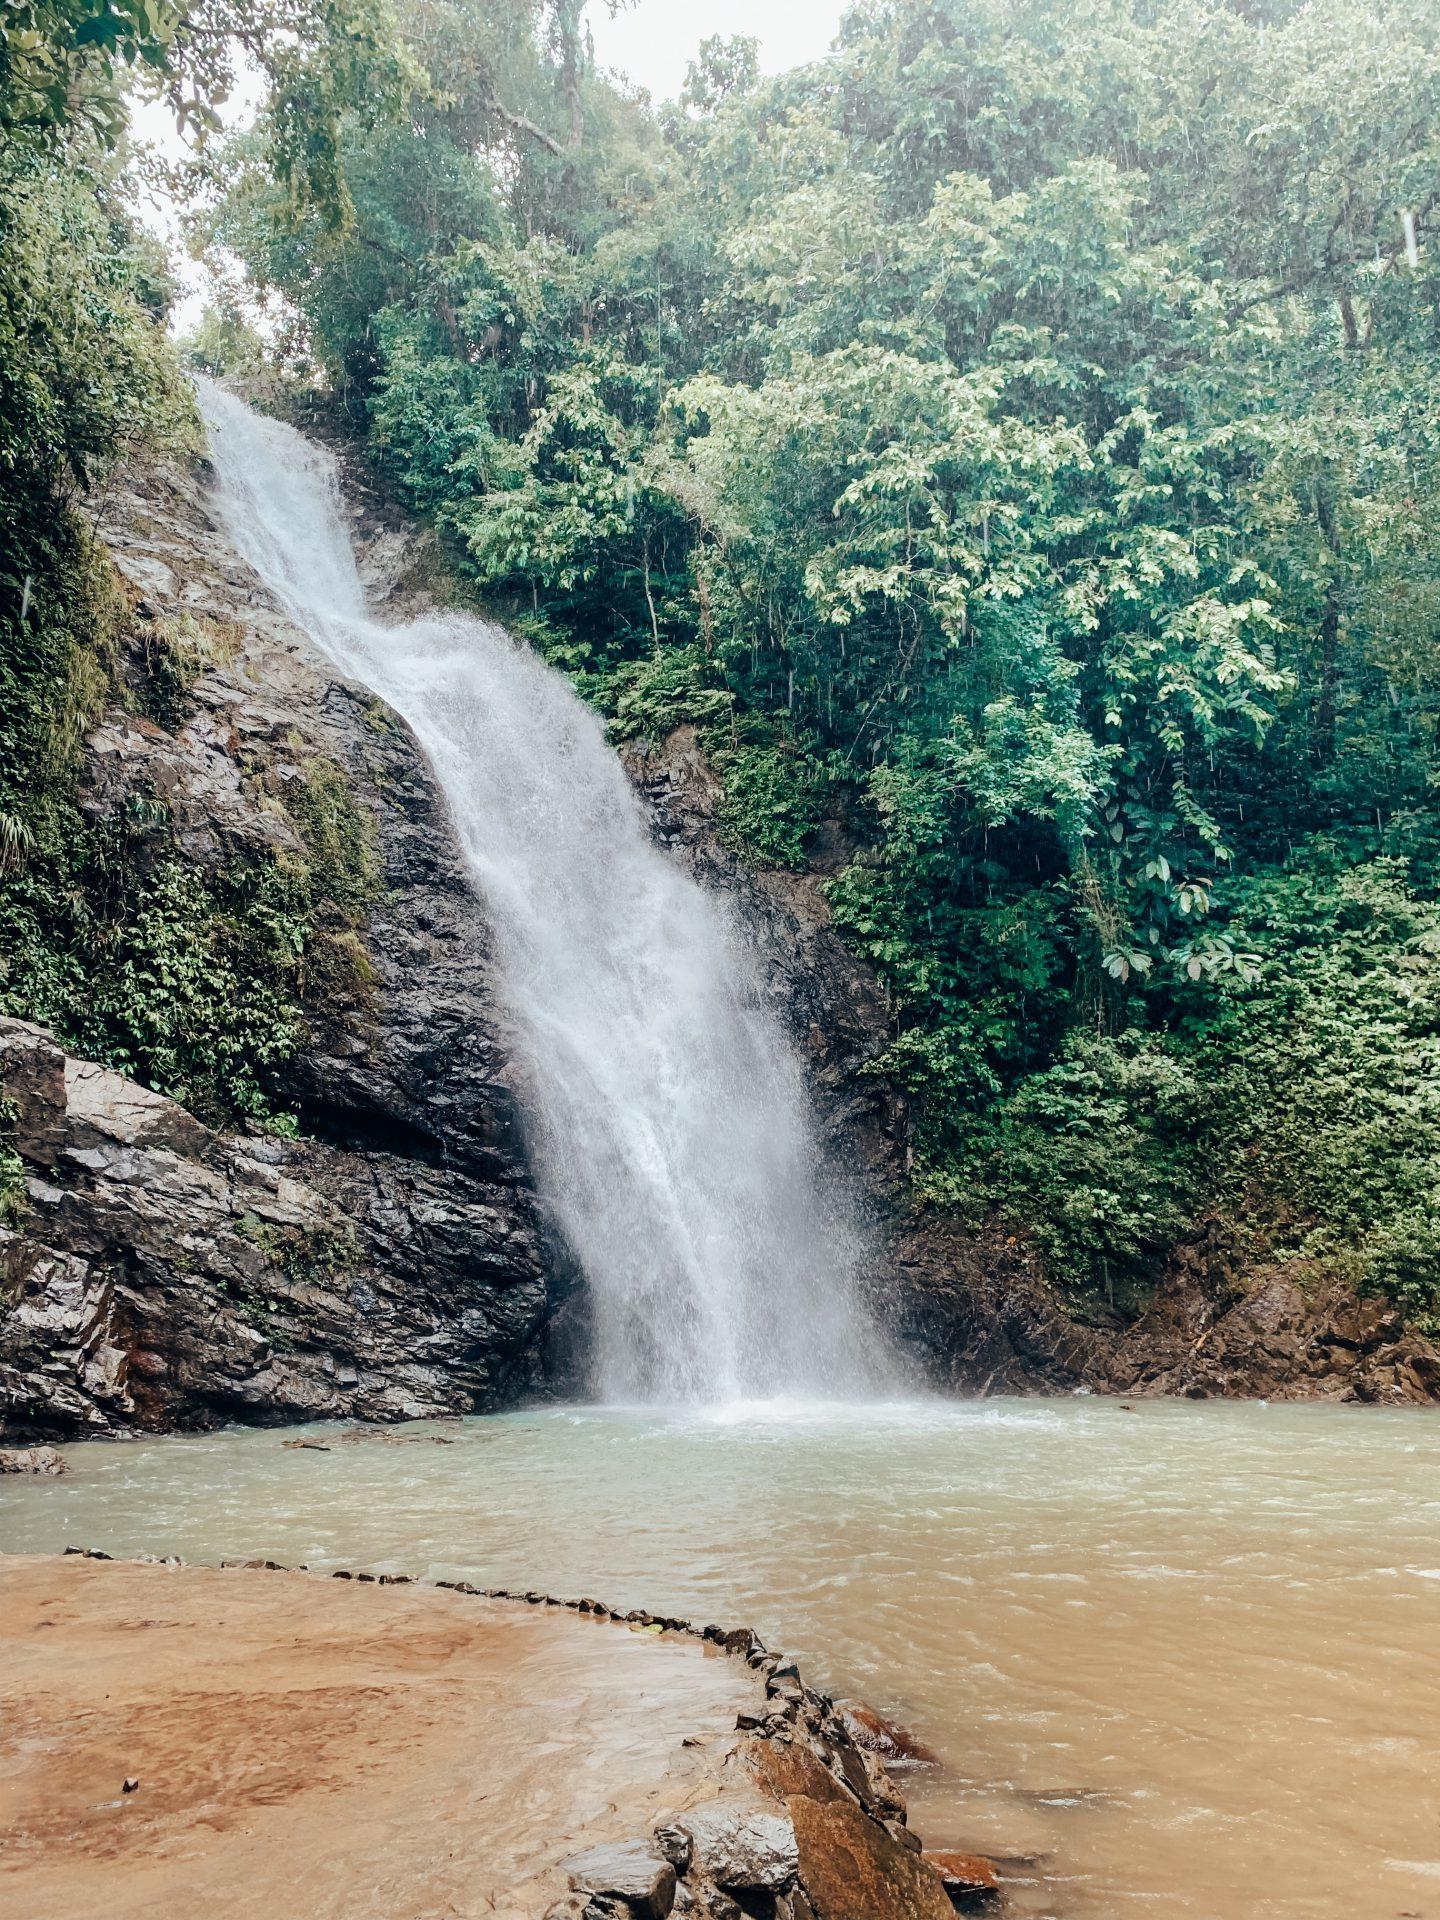 Exploring a local waterfall in Fiji!